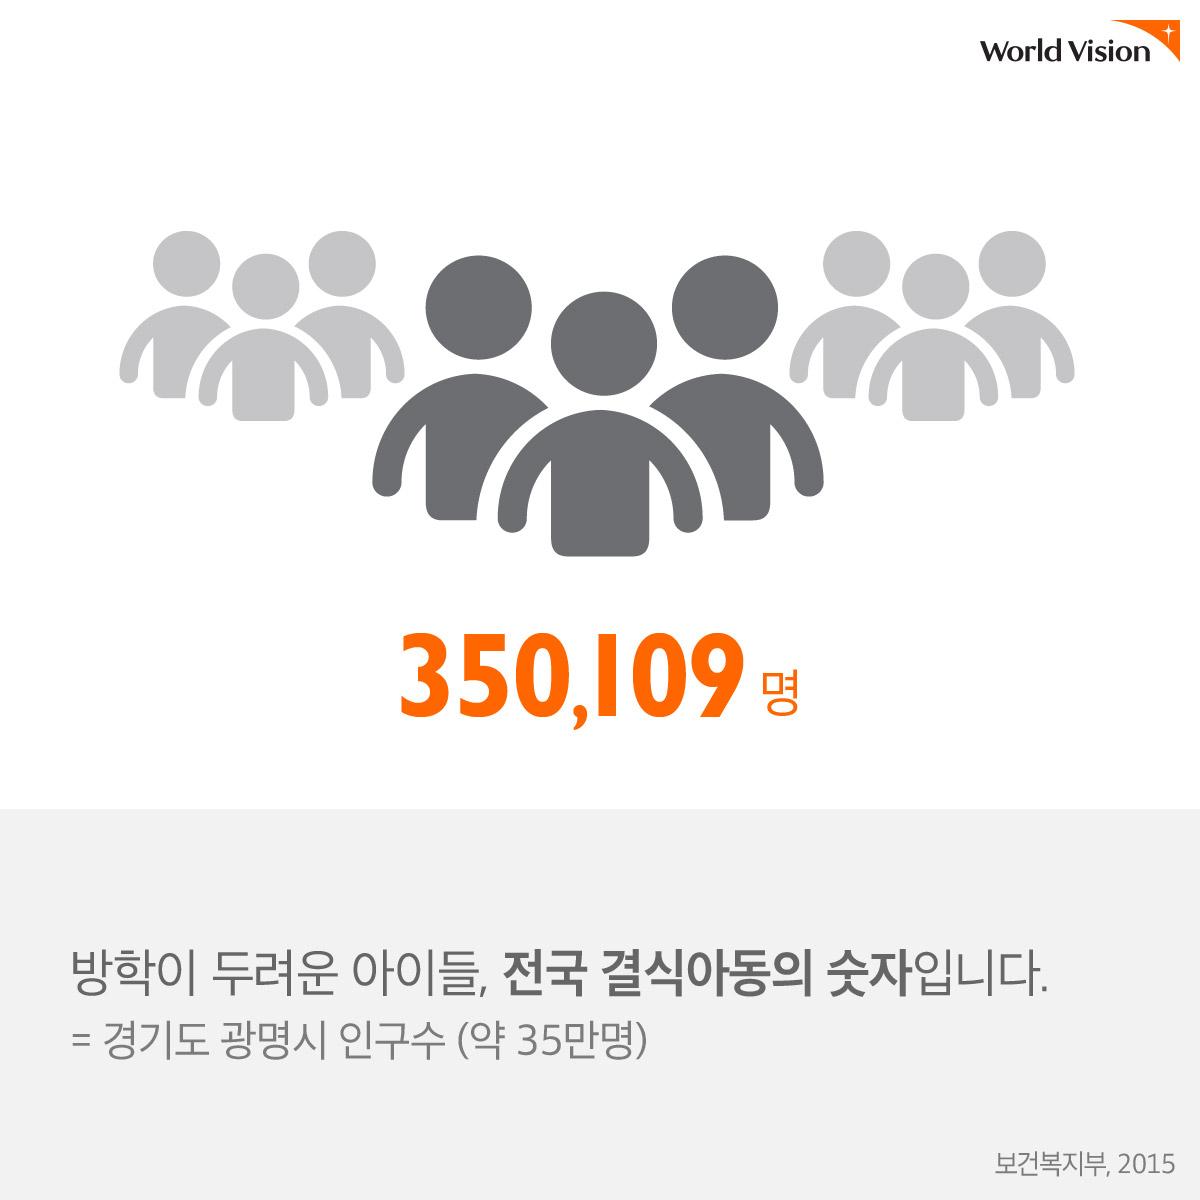 350,109명 방학이 두려운 아이들, 전국 결식아동의 숫자입니다. (보건복지부, 2015) = 경기도 광명시 인구수 (약 35만명)